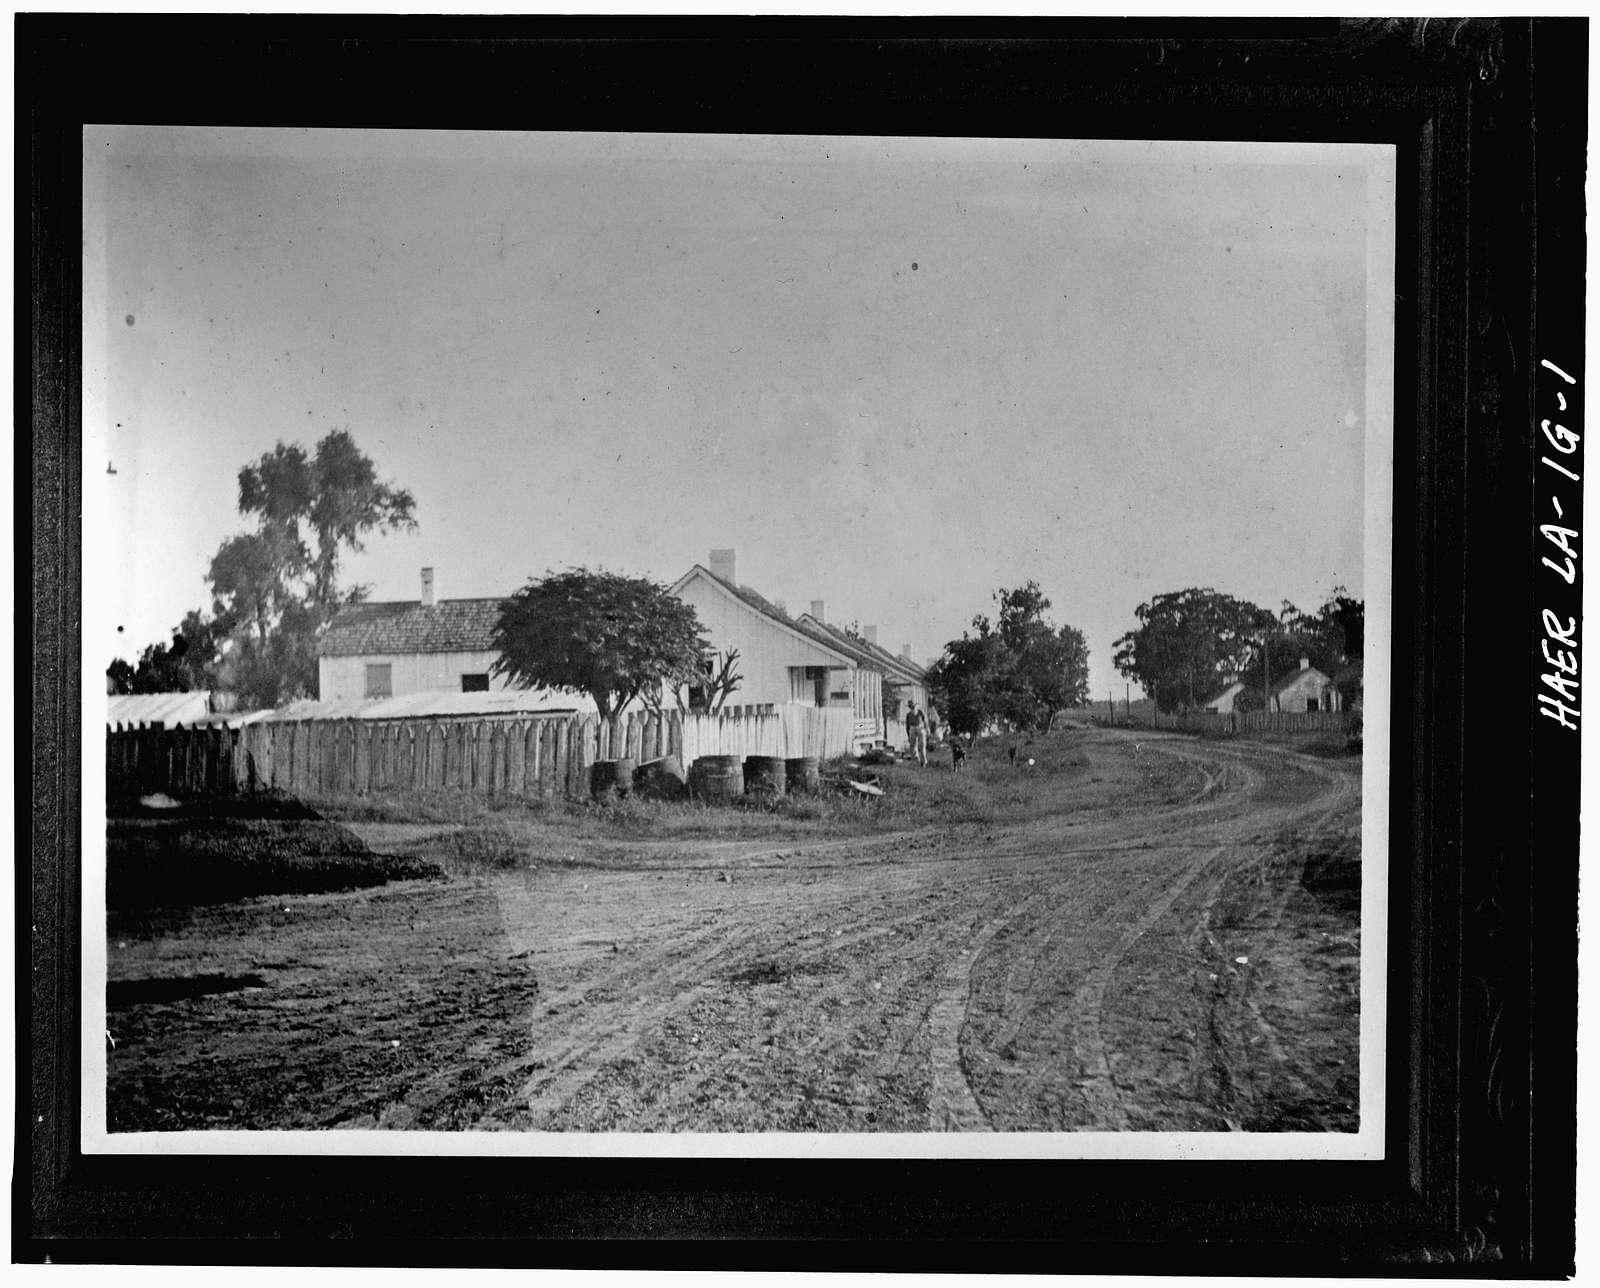 Laurel Valley Sugar Plantation, Engineer's House, 2 Miles South of Thibodaux on State Route 308, Thibodaux, Lafourche Parish, LA